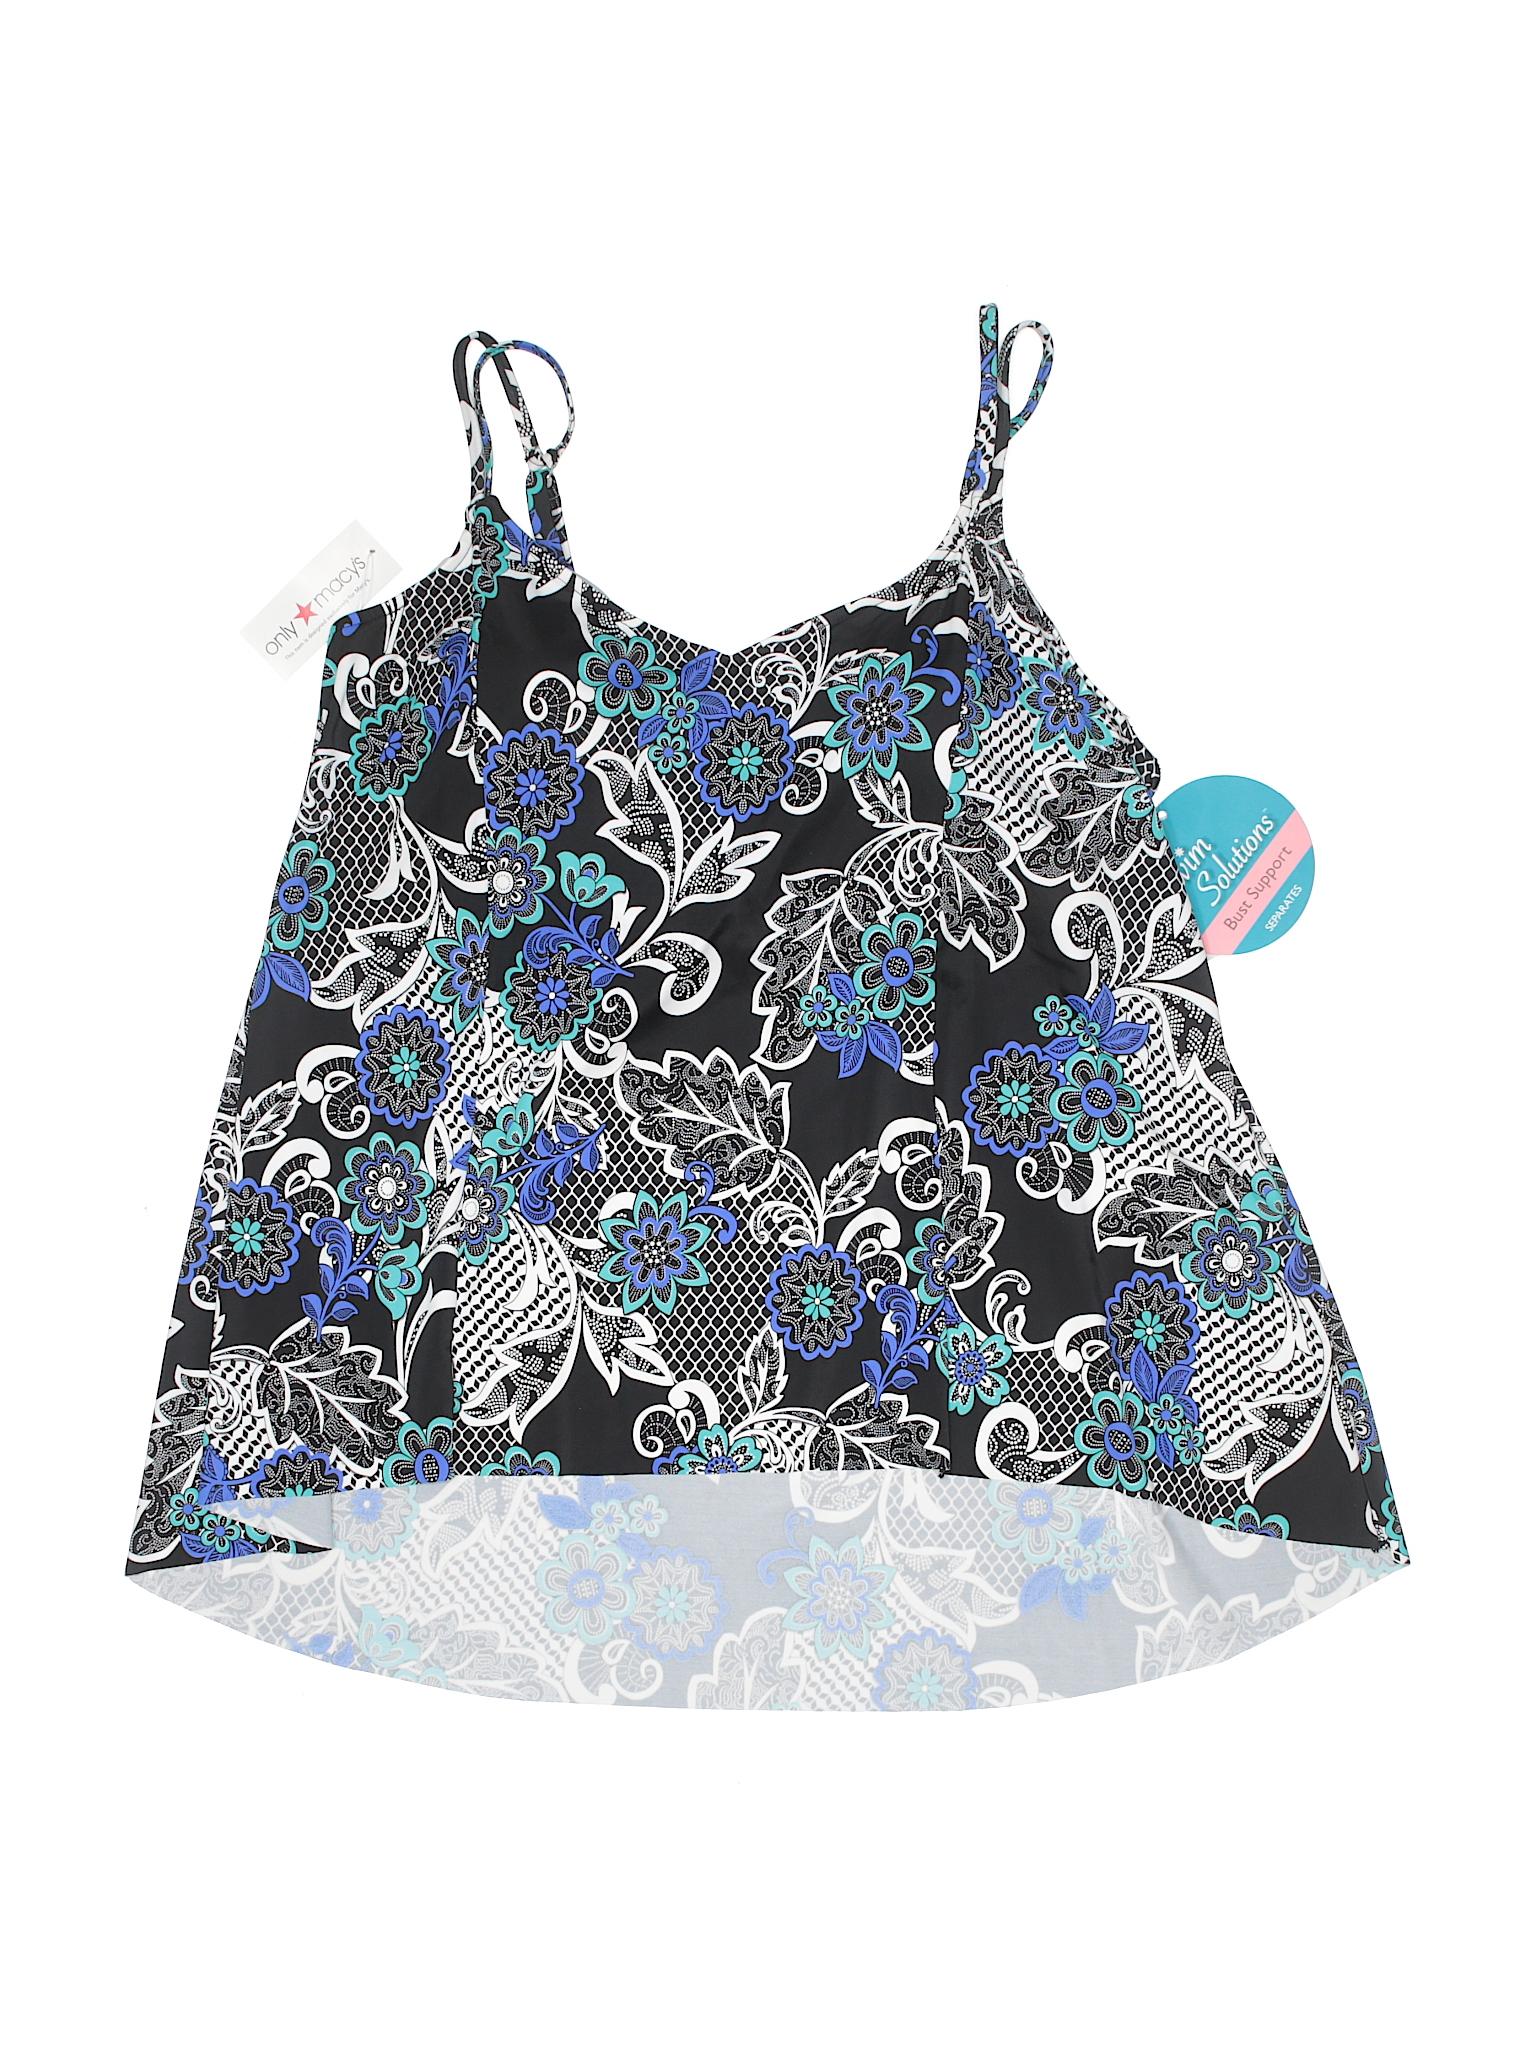 Boutique Solutions Swimsuit Boutique Swim Swim Top OqwO1v8xr